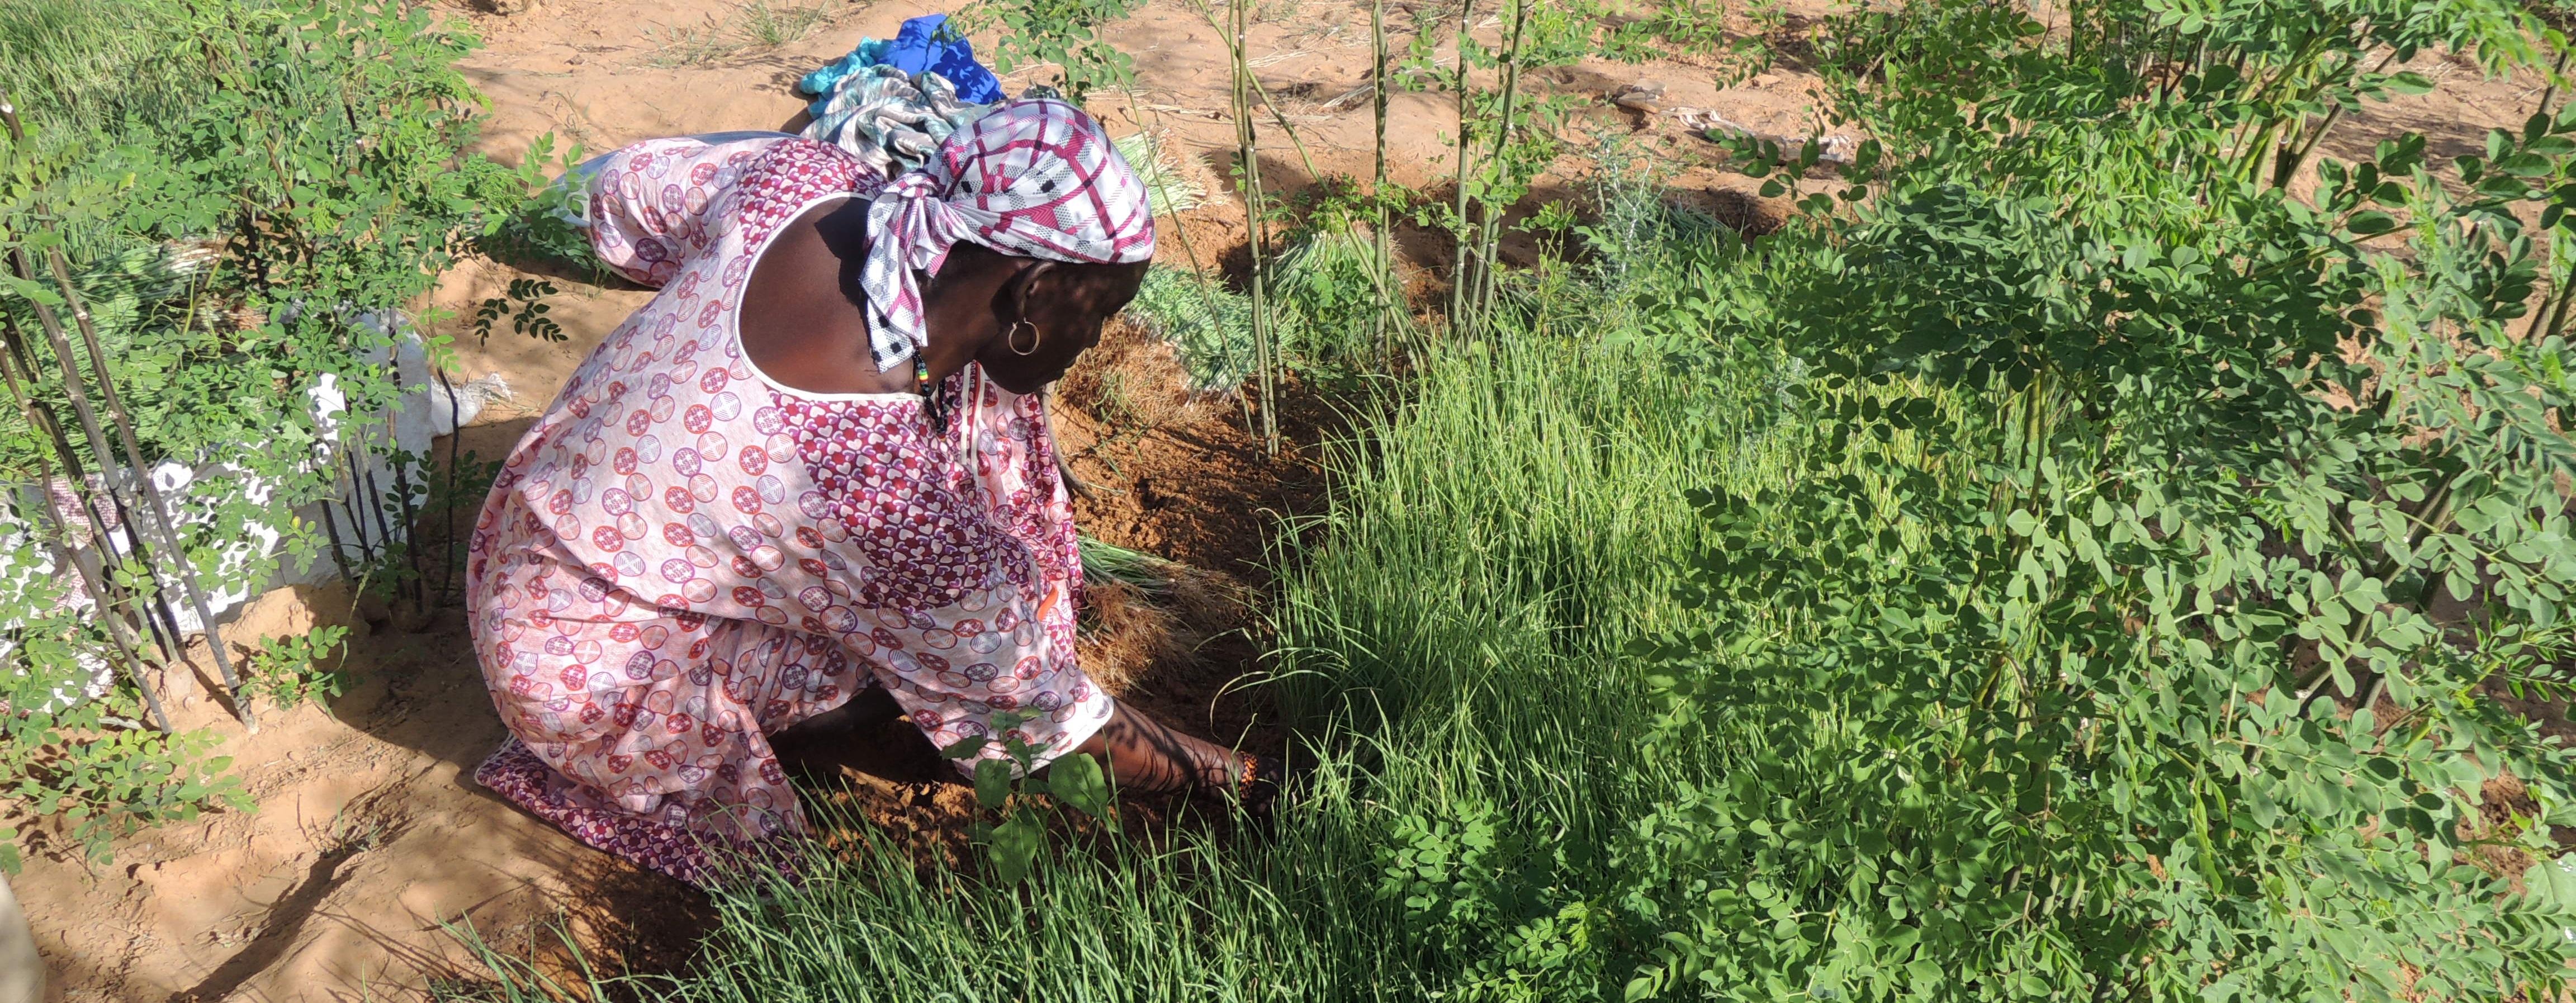 Fédération des coopératives maraîchères du Niger (FCMN-Niya)